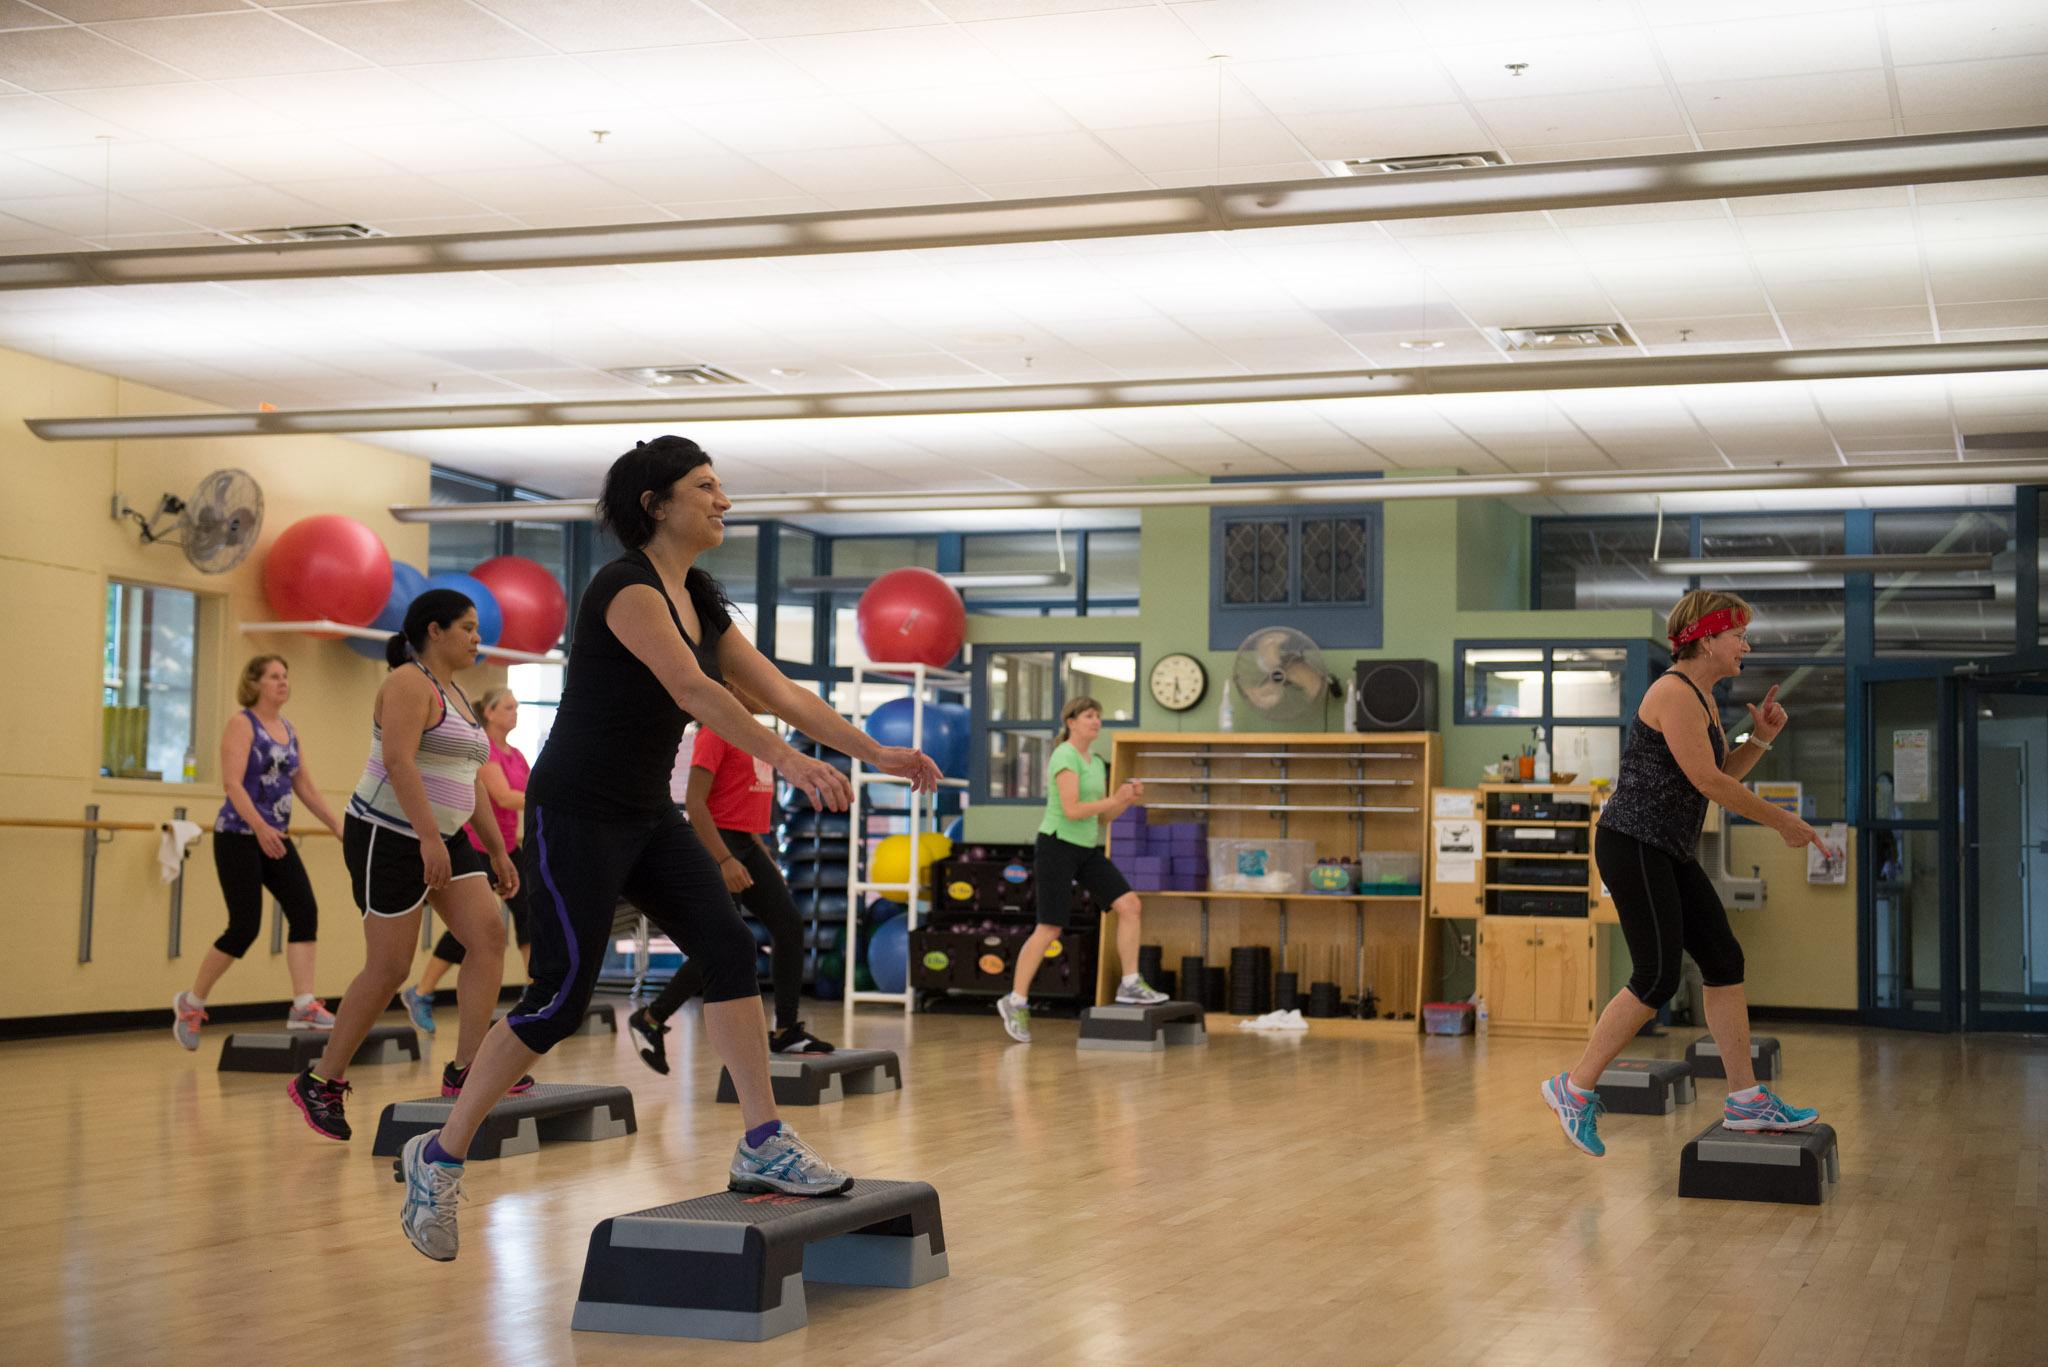 Wellness Center Stock Photos-1414.jpg